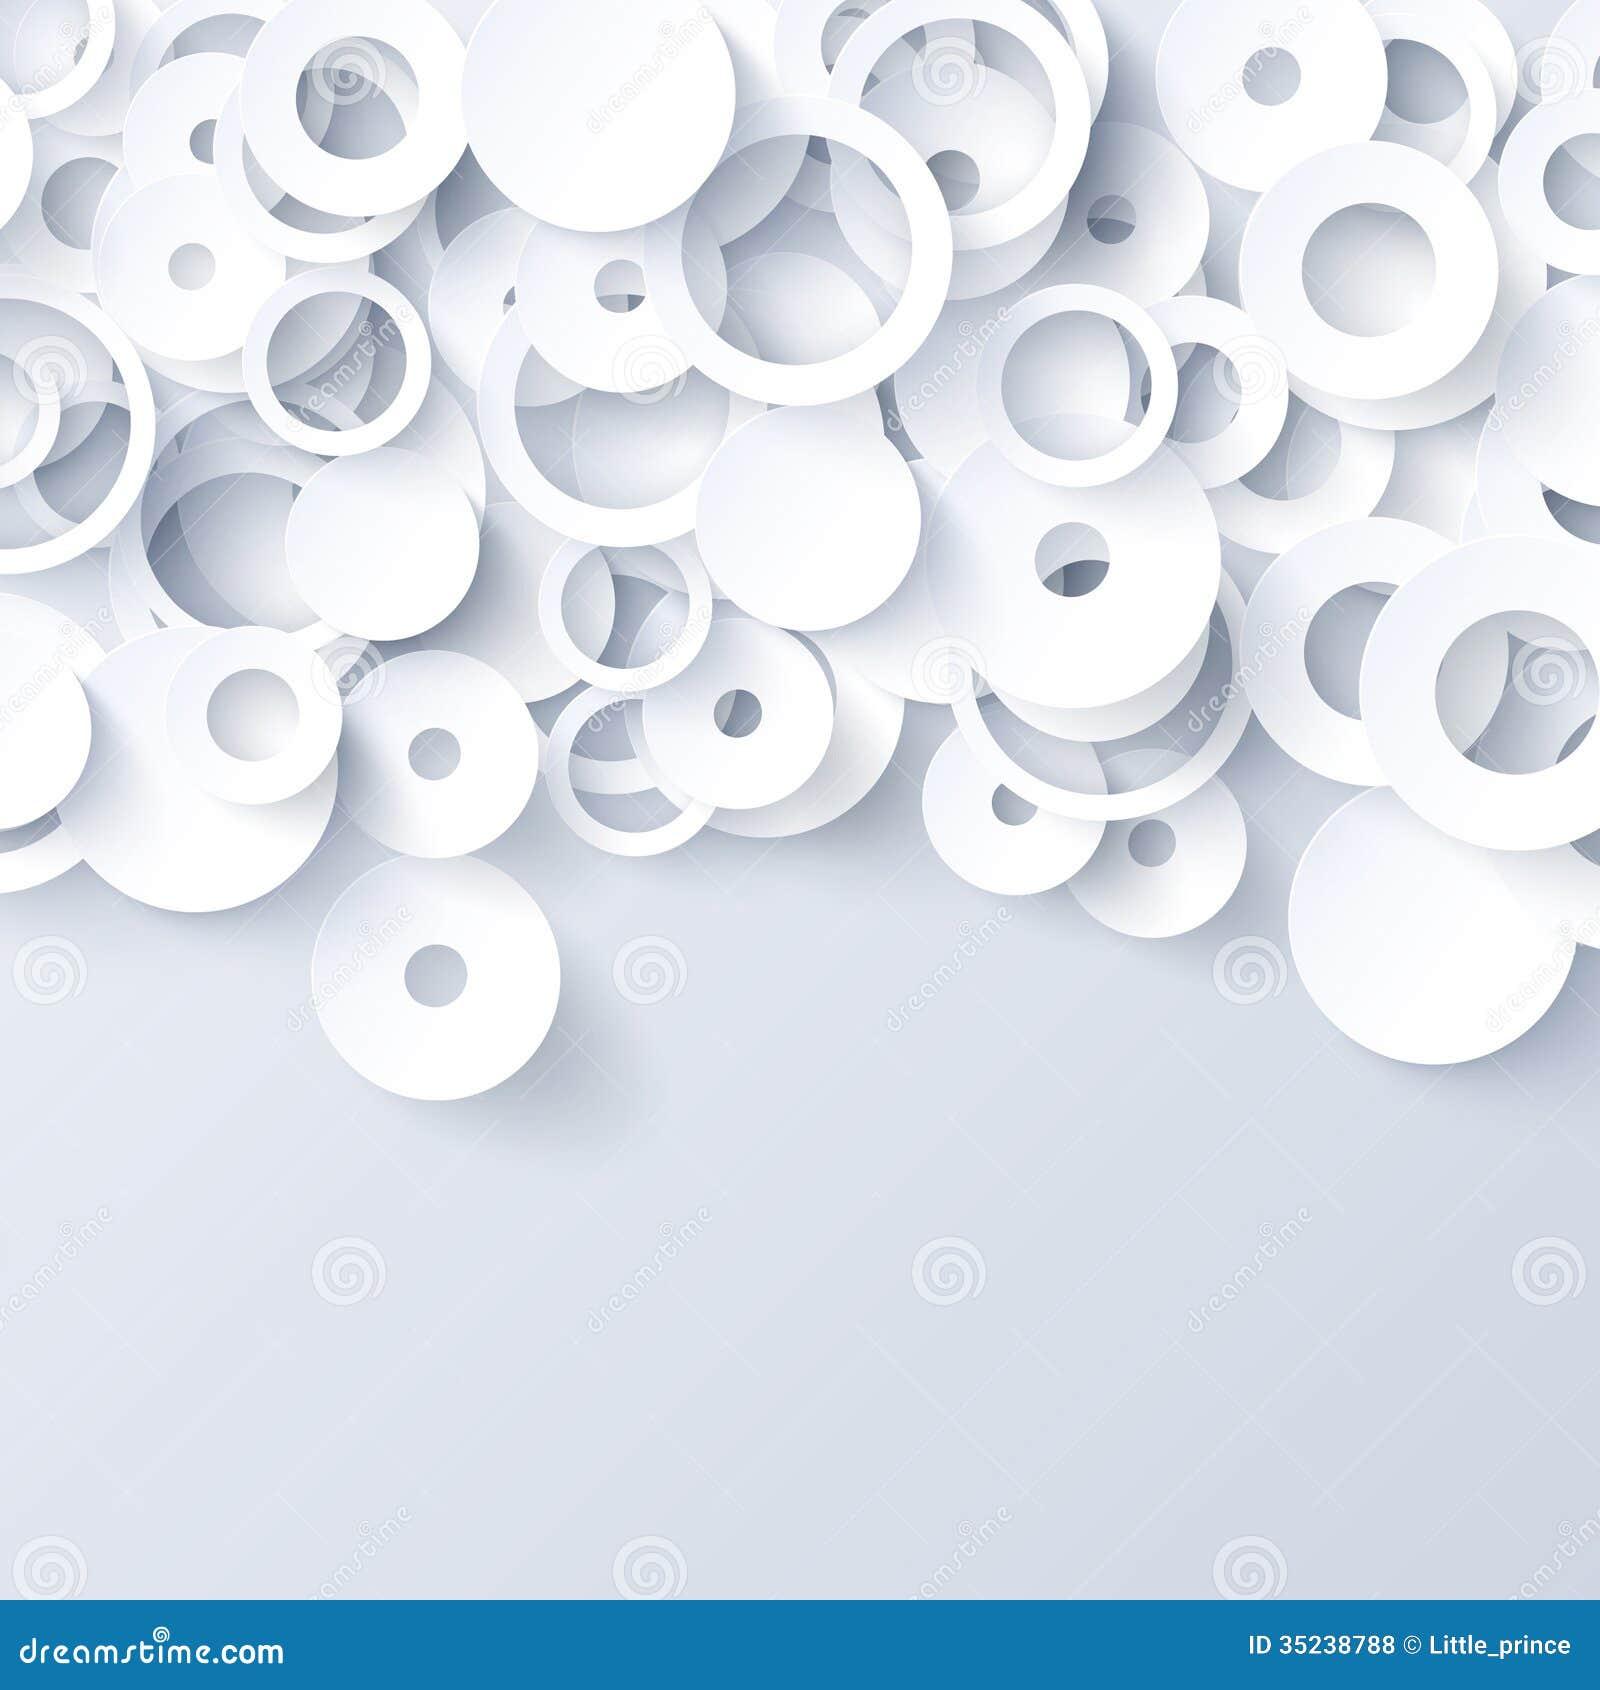 Fondo abstracto de papel blanco y gris